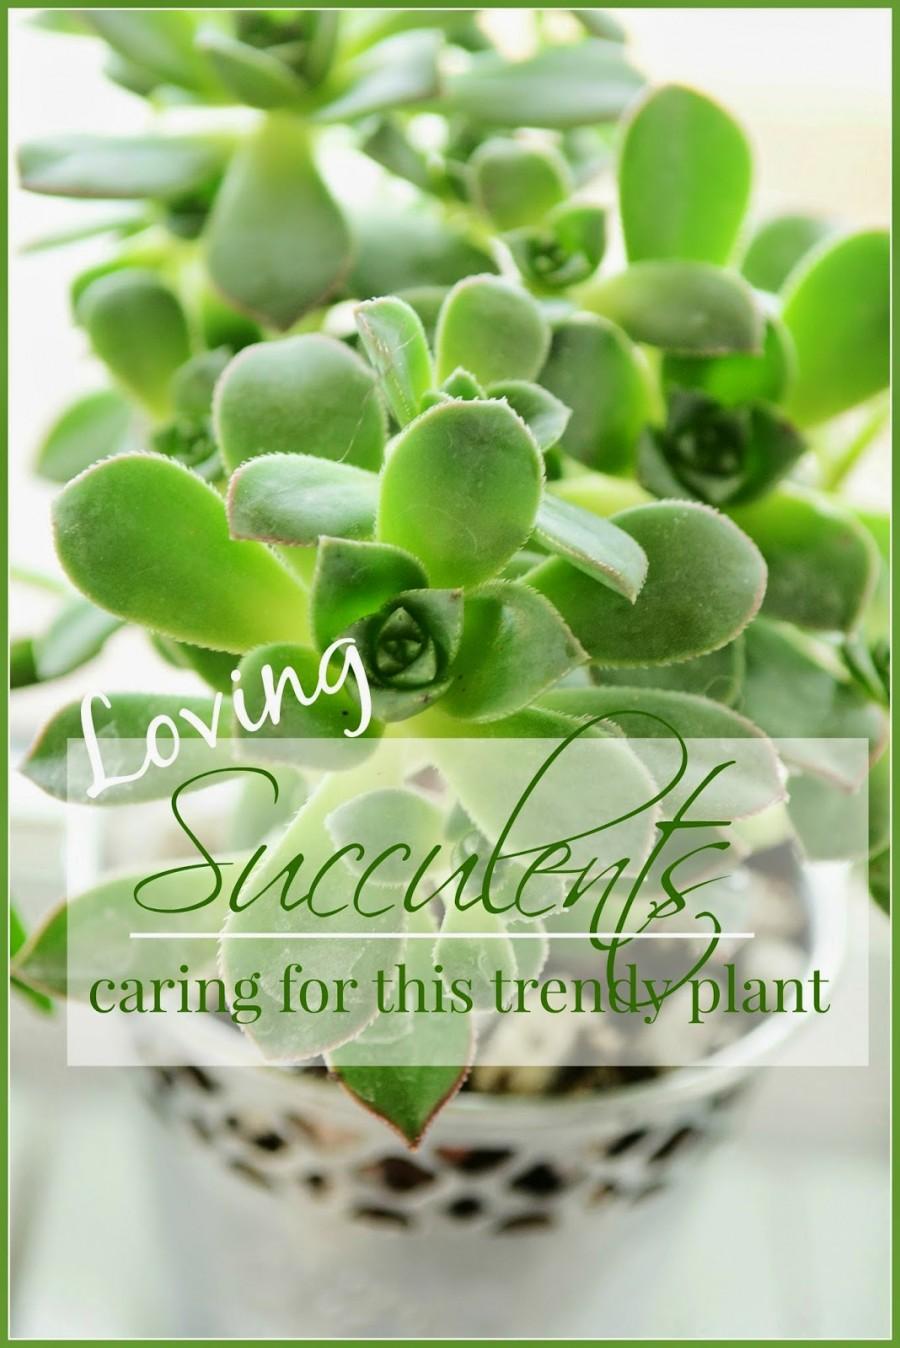 SUCCULENTS-TITLE PAGE-stonegableblog